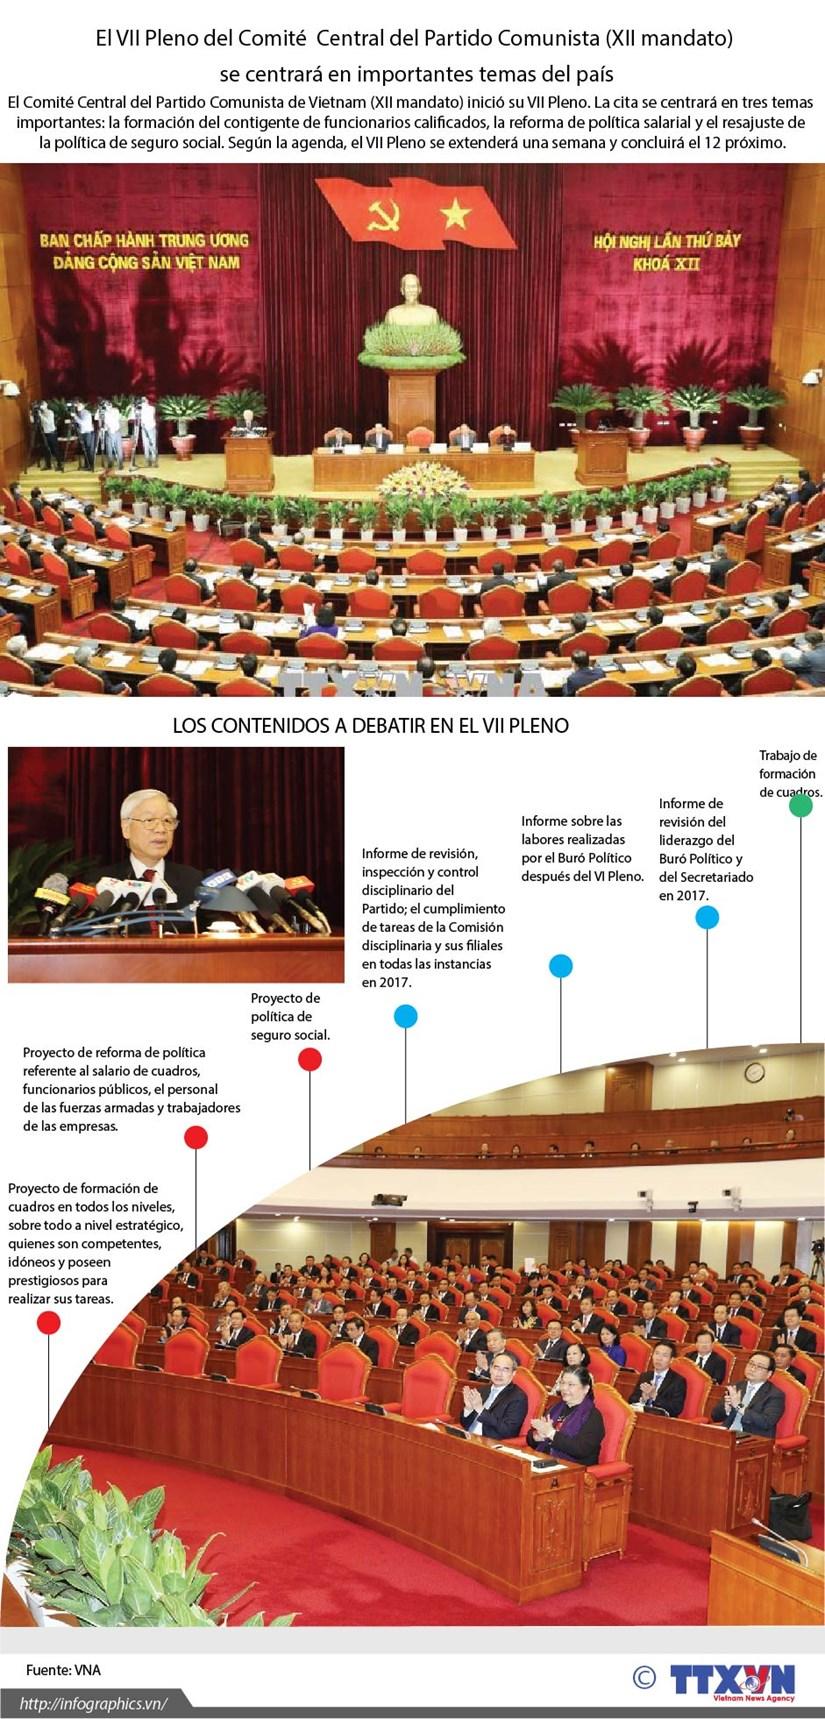 El septimo pleno del Comite Central del PCV se centra en temas importantes del pais hinh anh 1